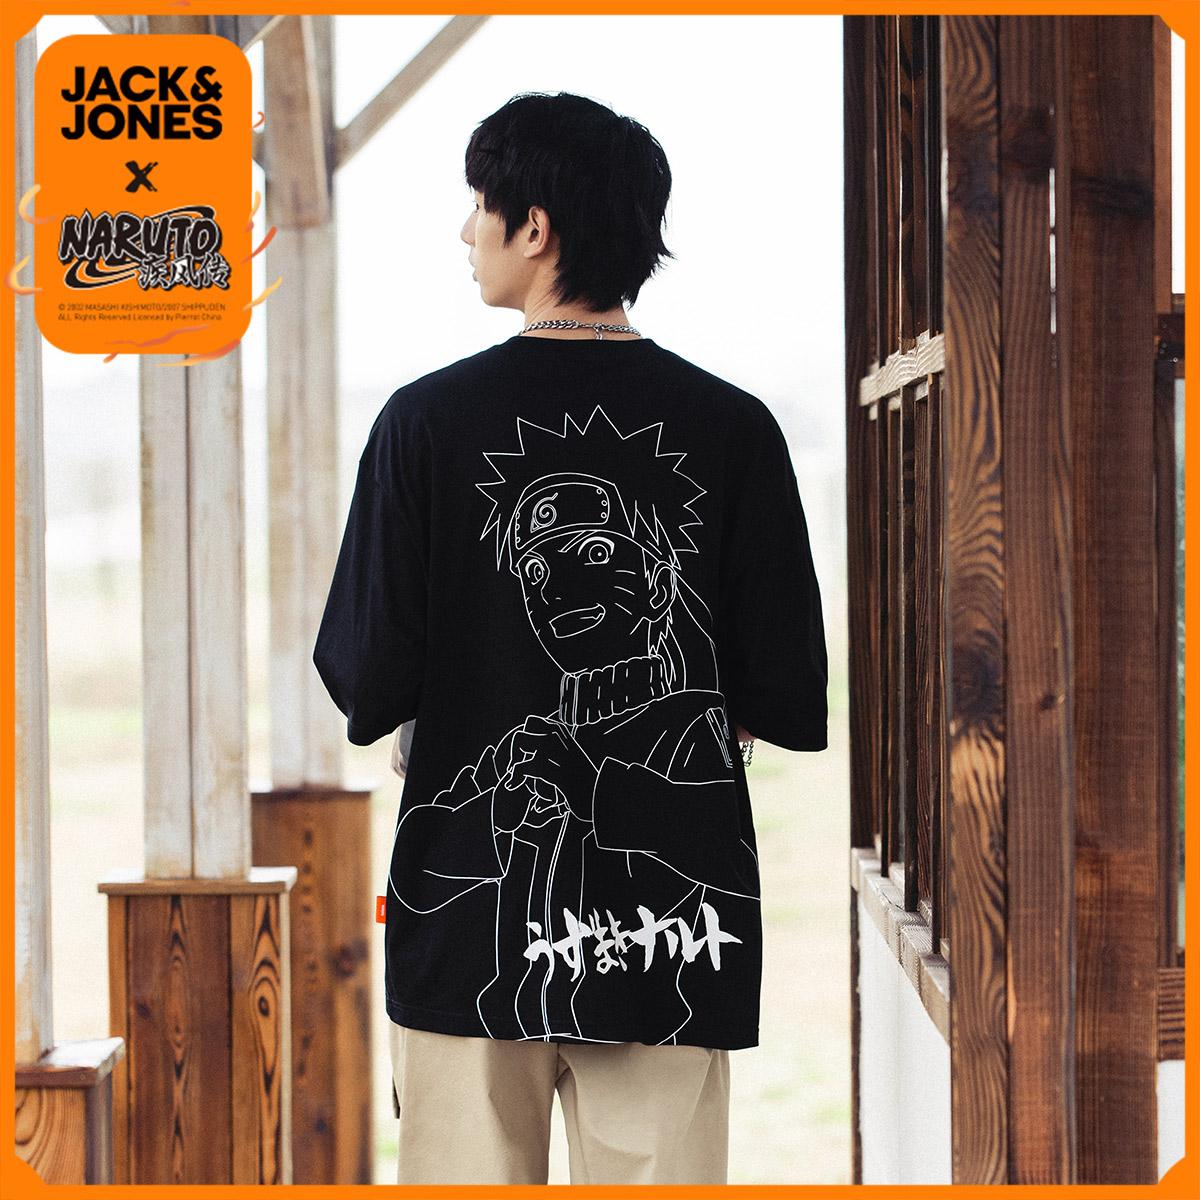 JackJones杰克琼斯火影忍者联名男鸣人宽松纯棉短袖T恤221201127